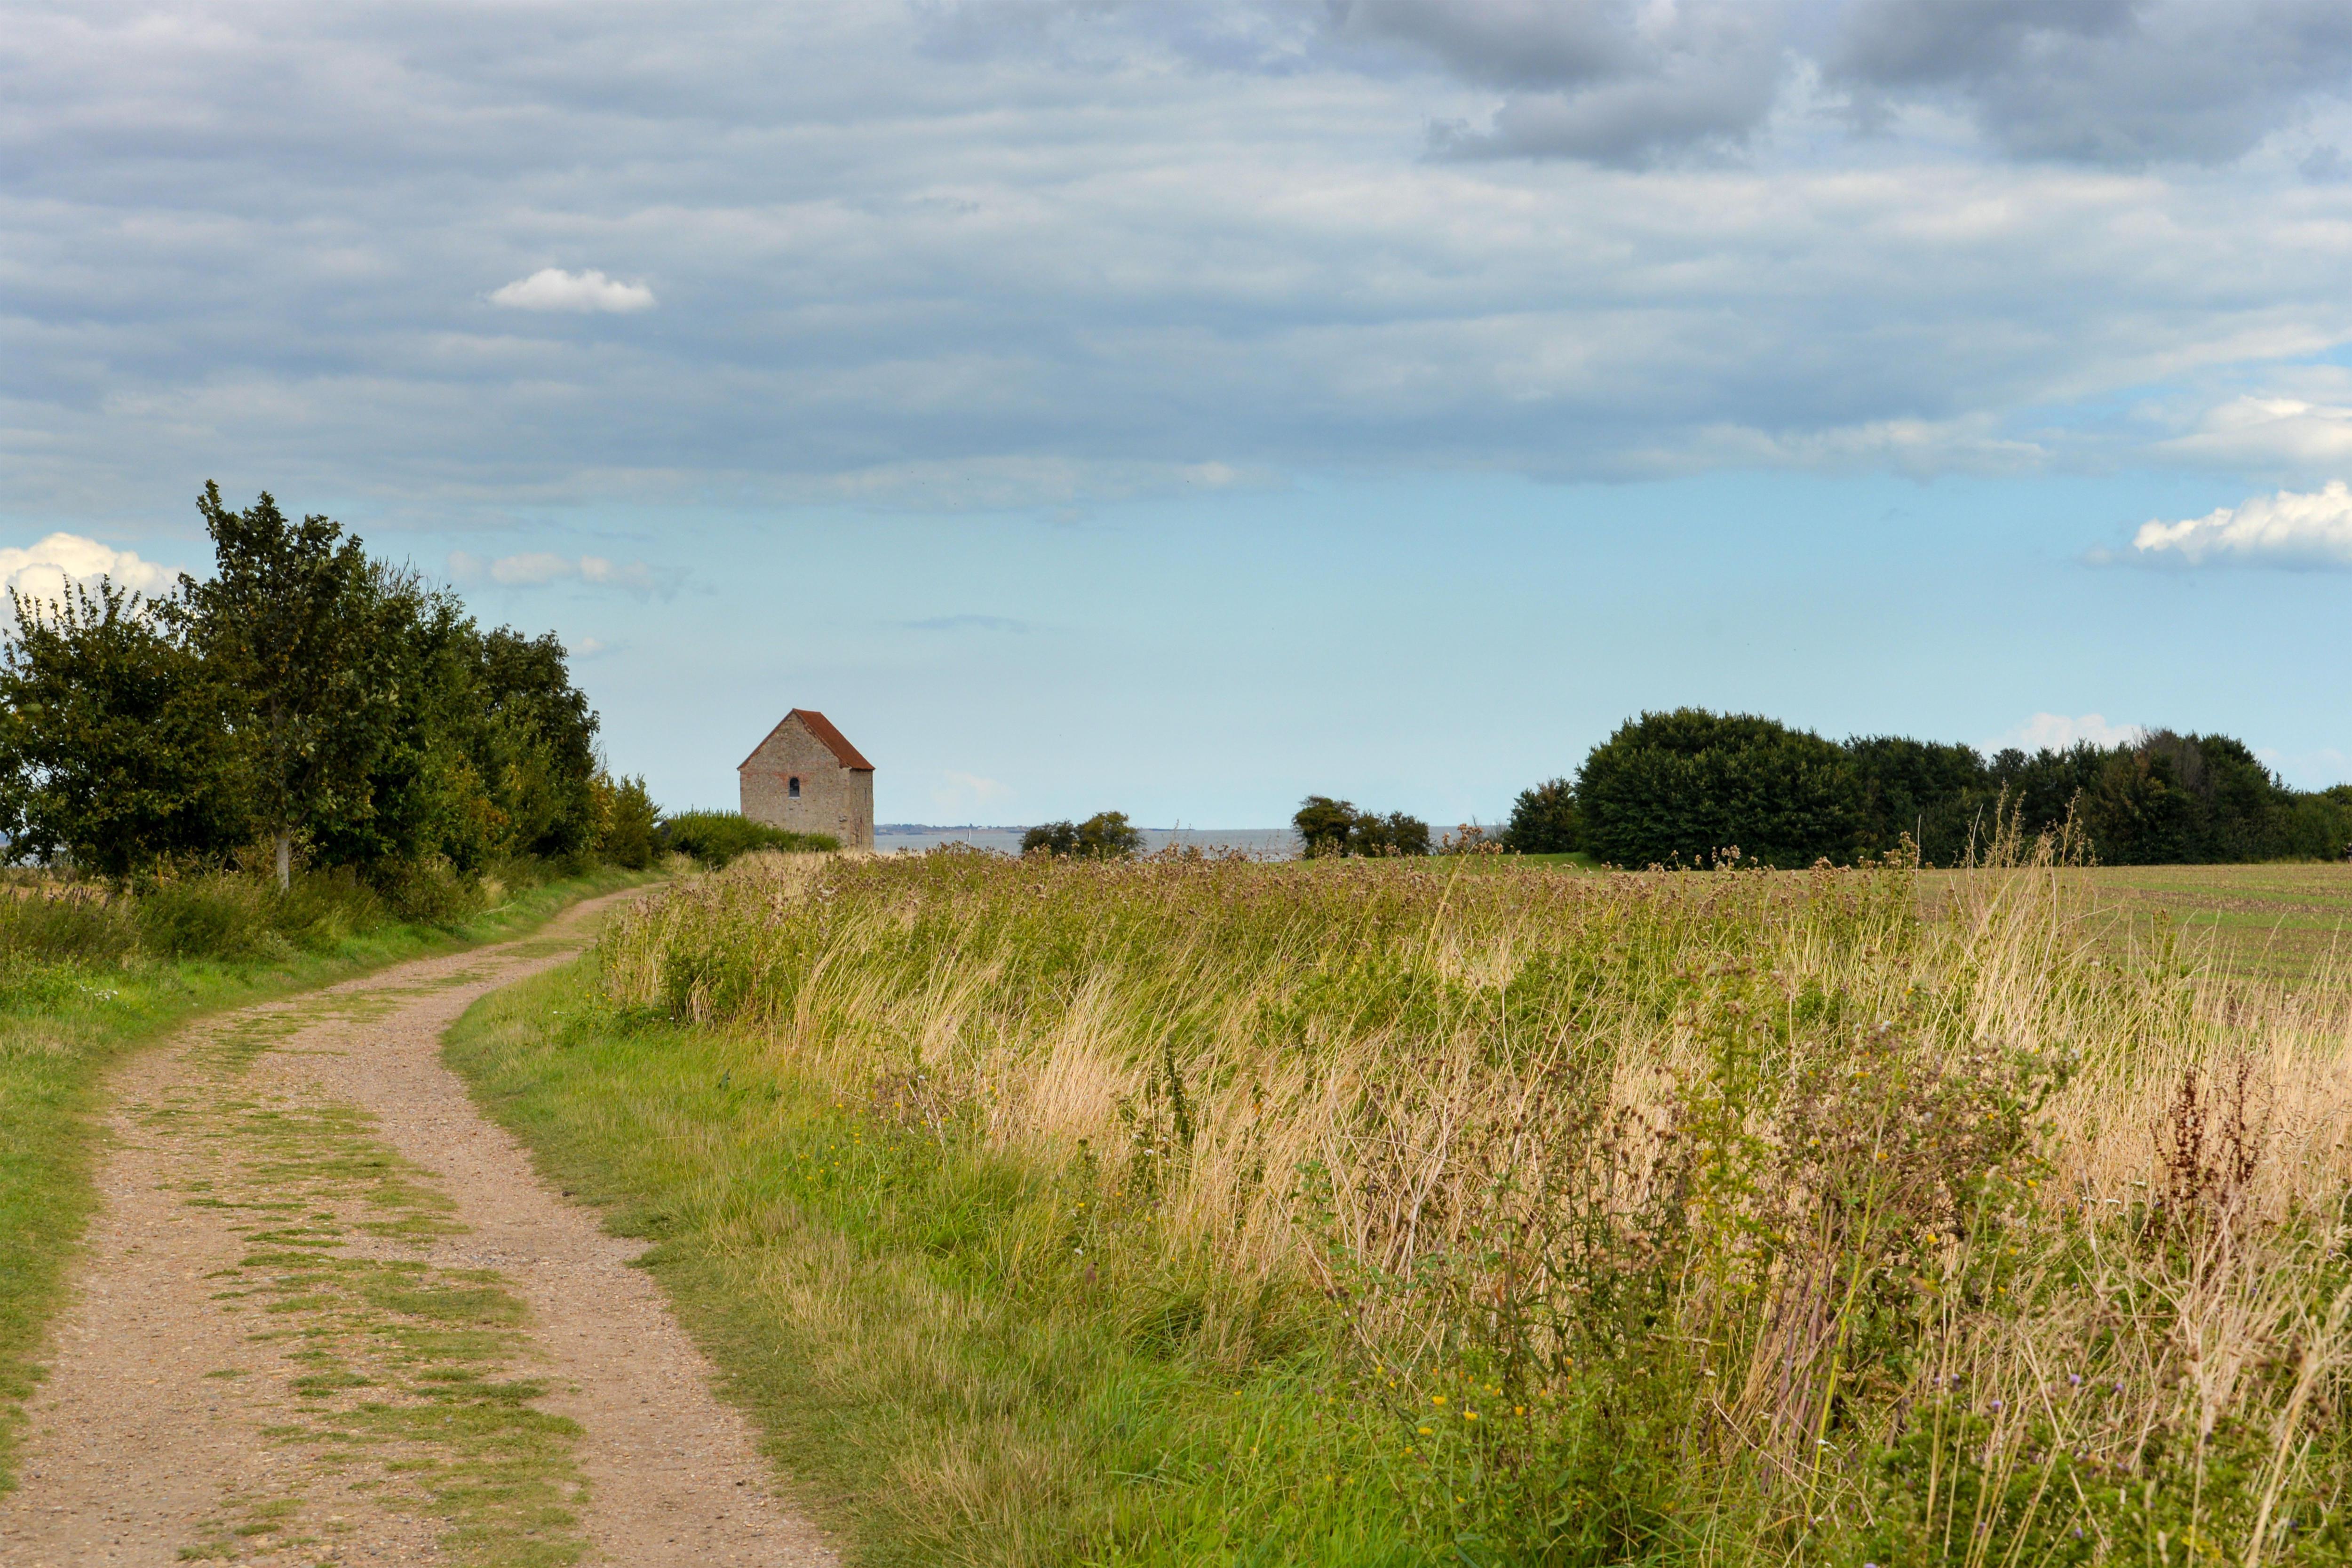 Eastern Eden: a utopian community in Essex